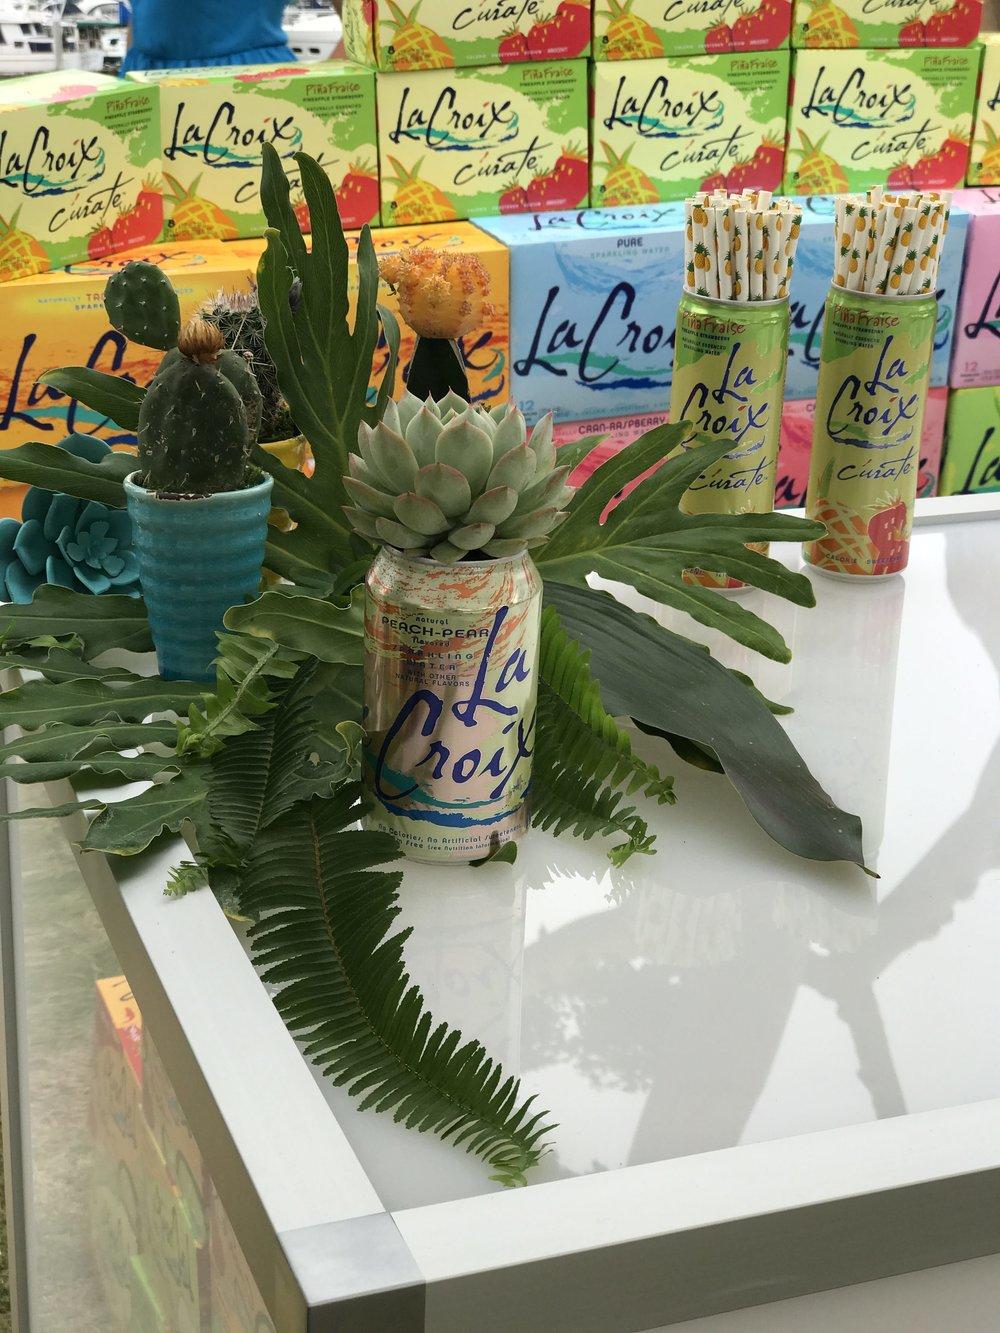 La Croix Cans & Succulents- B Floral